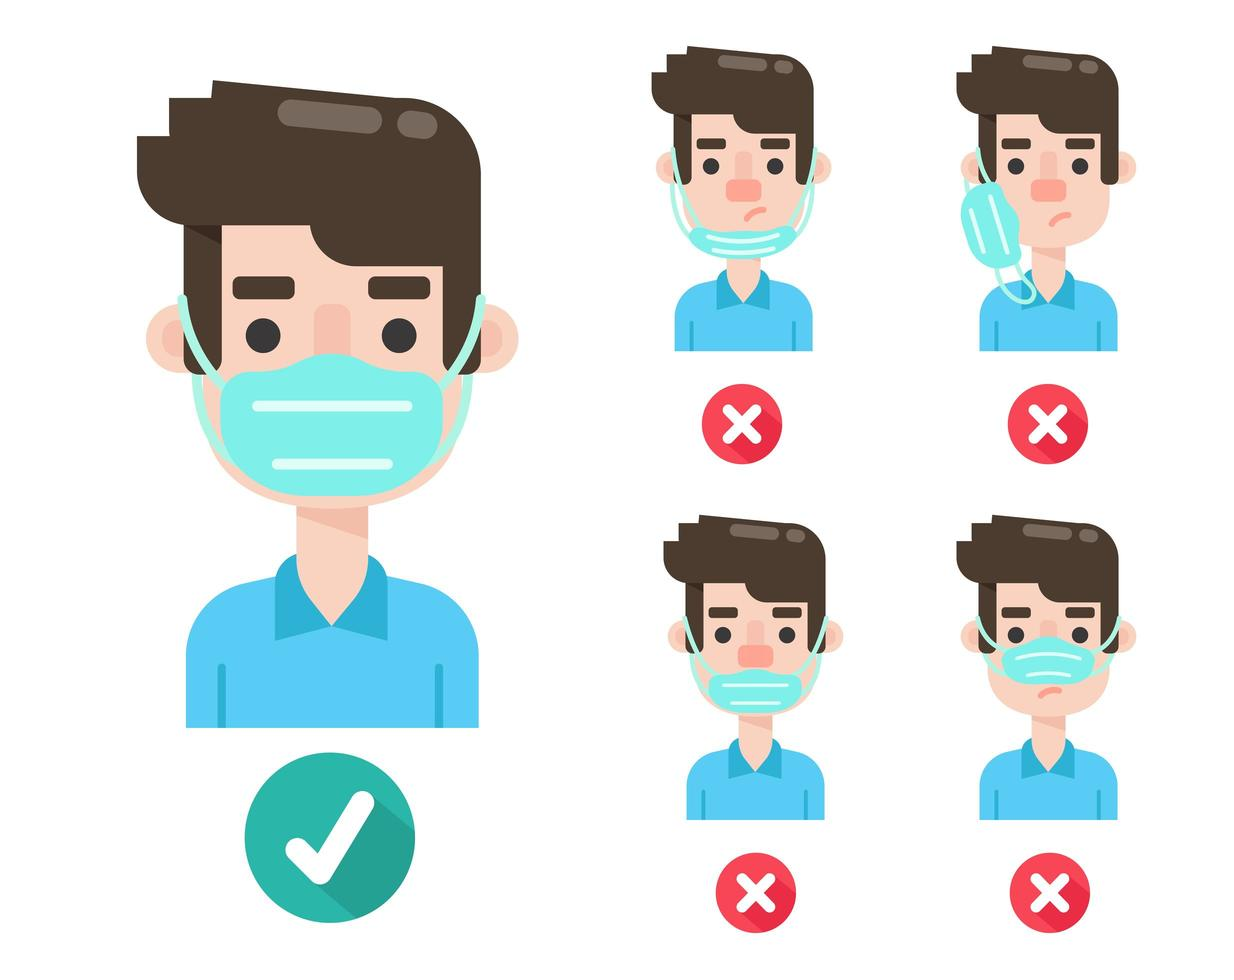 diagrama com o uso incorreto de máscaras faciais vetor